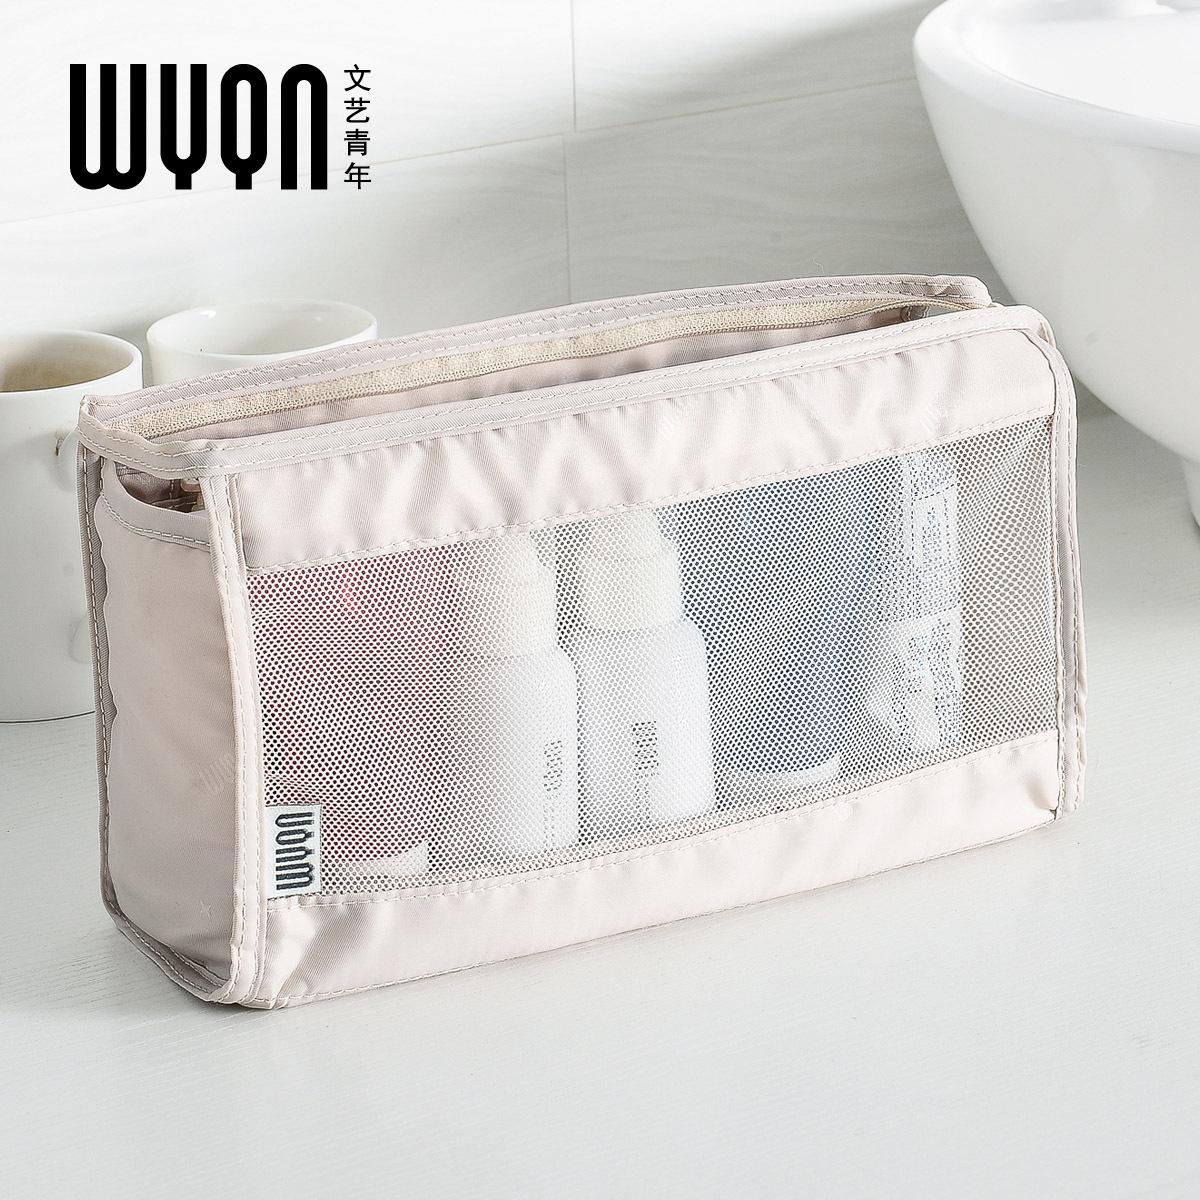 旅行收纳袋洗漱包旅行洗漱包男士女化妆包防水洗漱包收纳包洗漱包